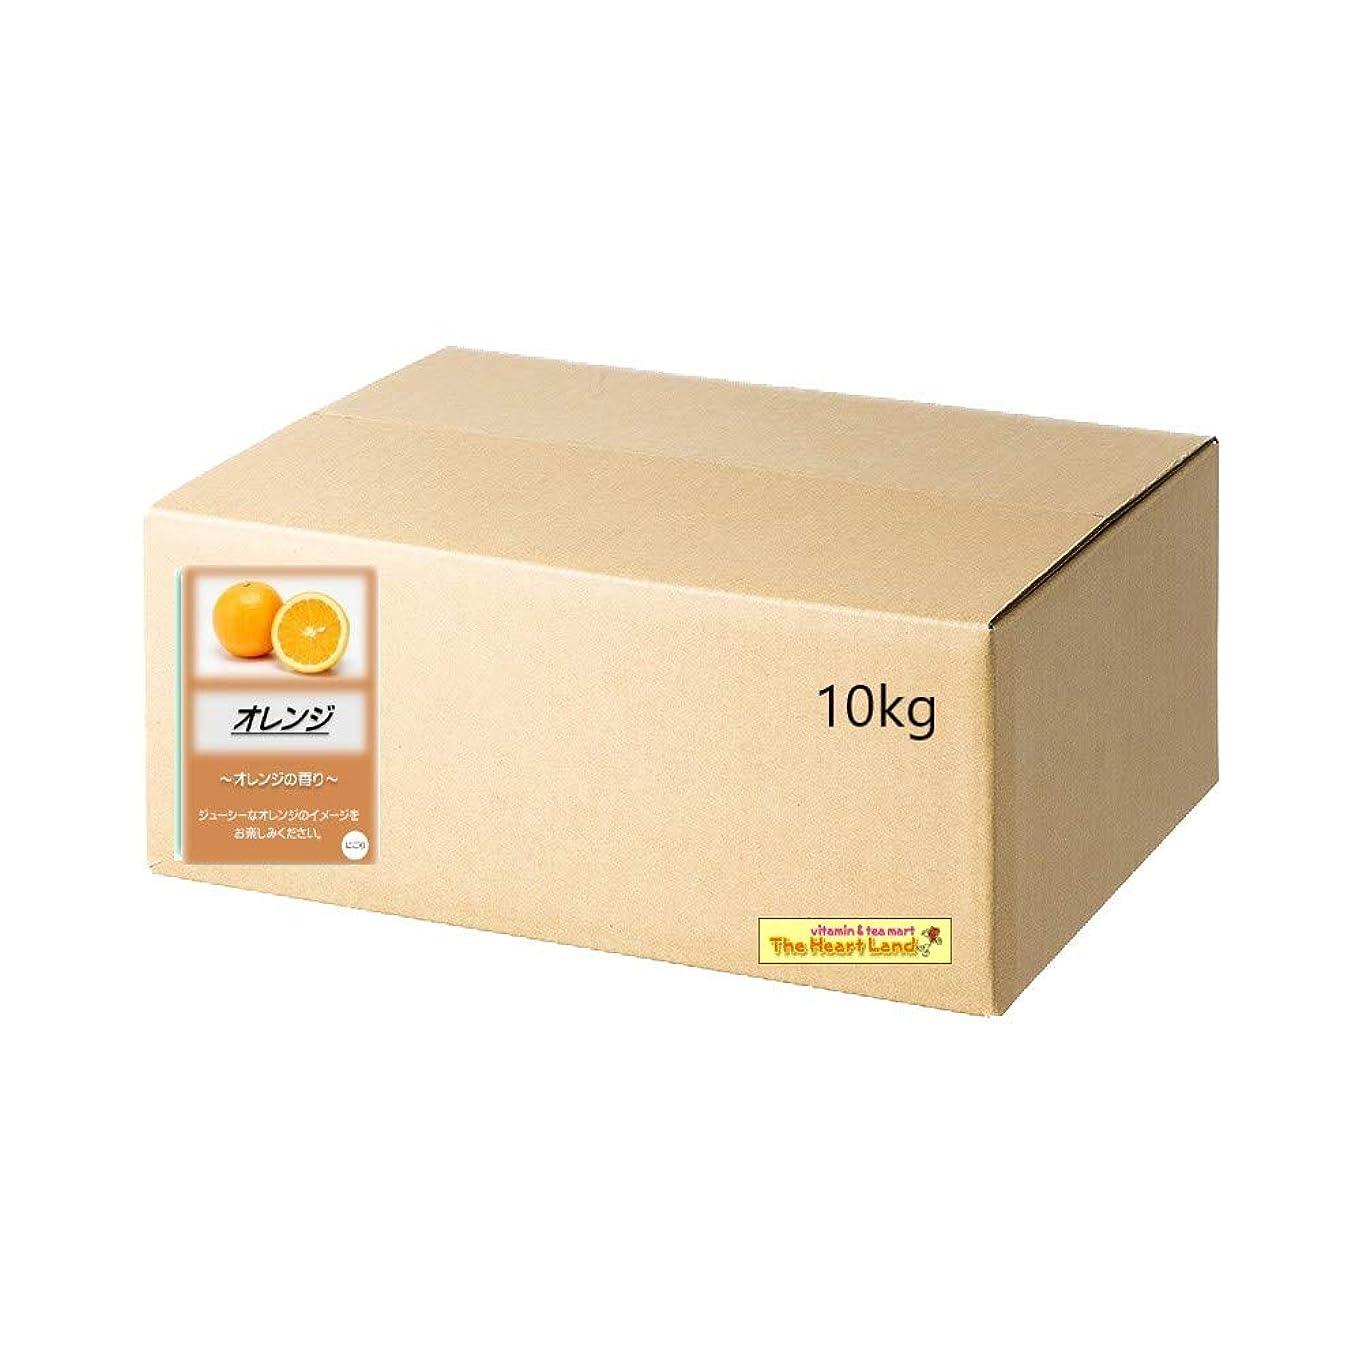 連続的ただやるスペインアサヒ入浴剤 浴用入浴化粧品 オレンジ 10kg